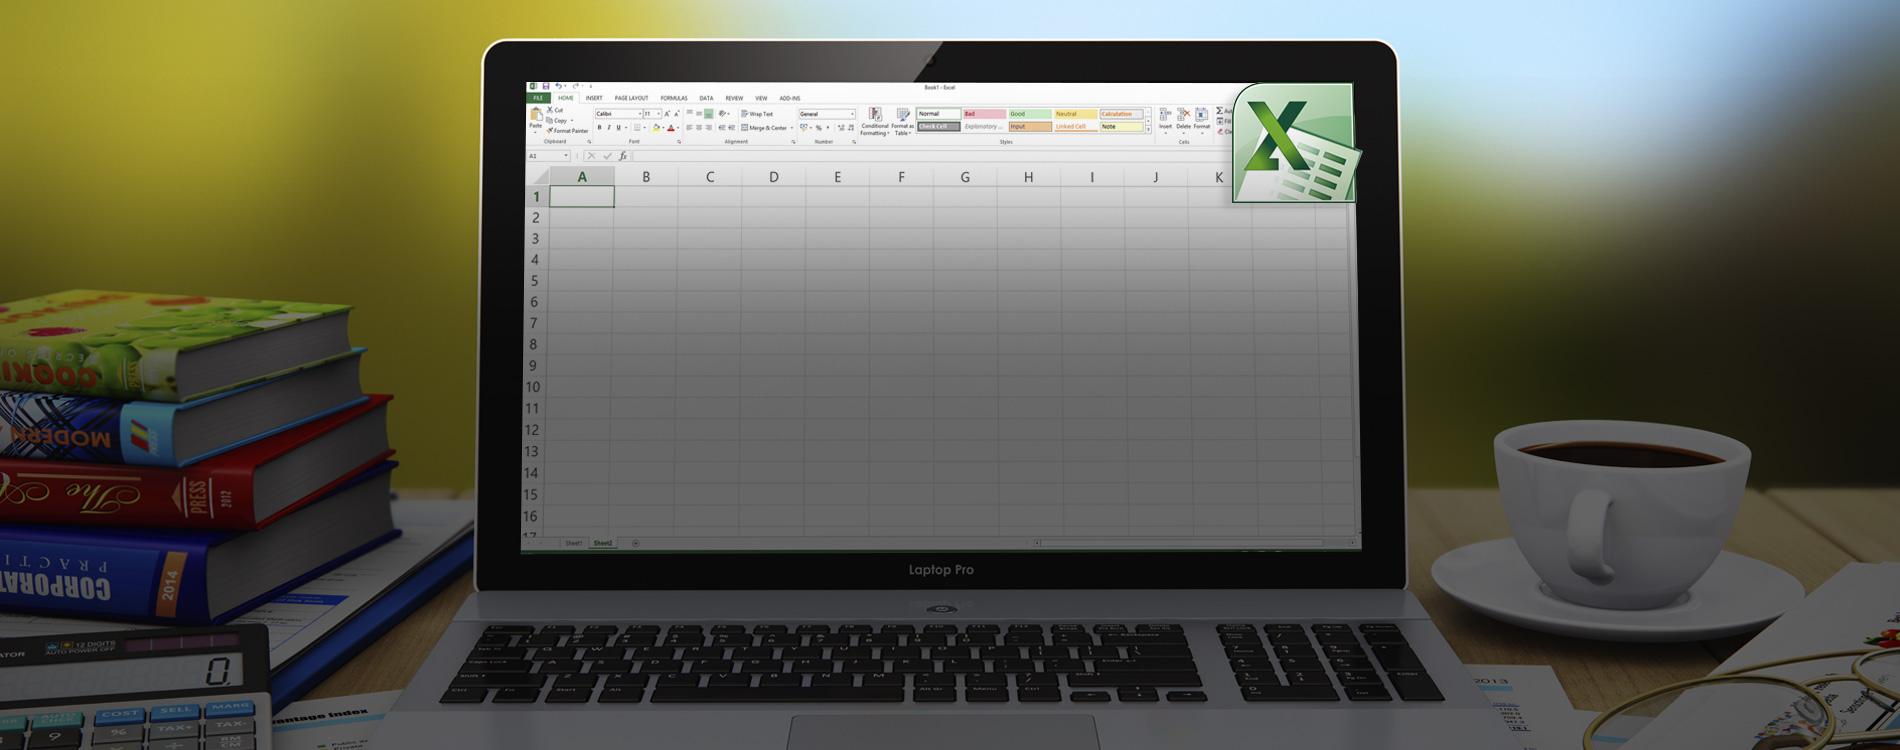 Microsoft Excel agora permite personalizar o layout padrão das tabelas dinâmicas